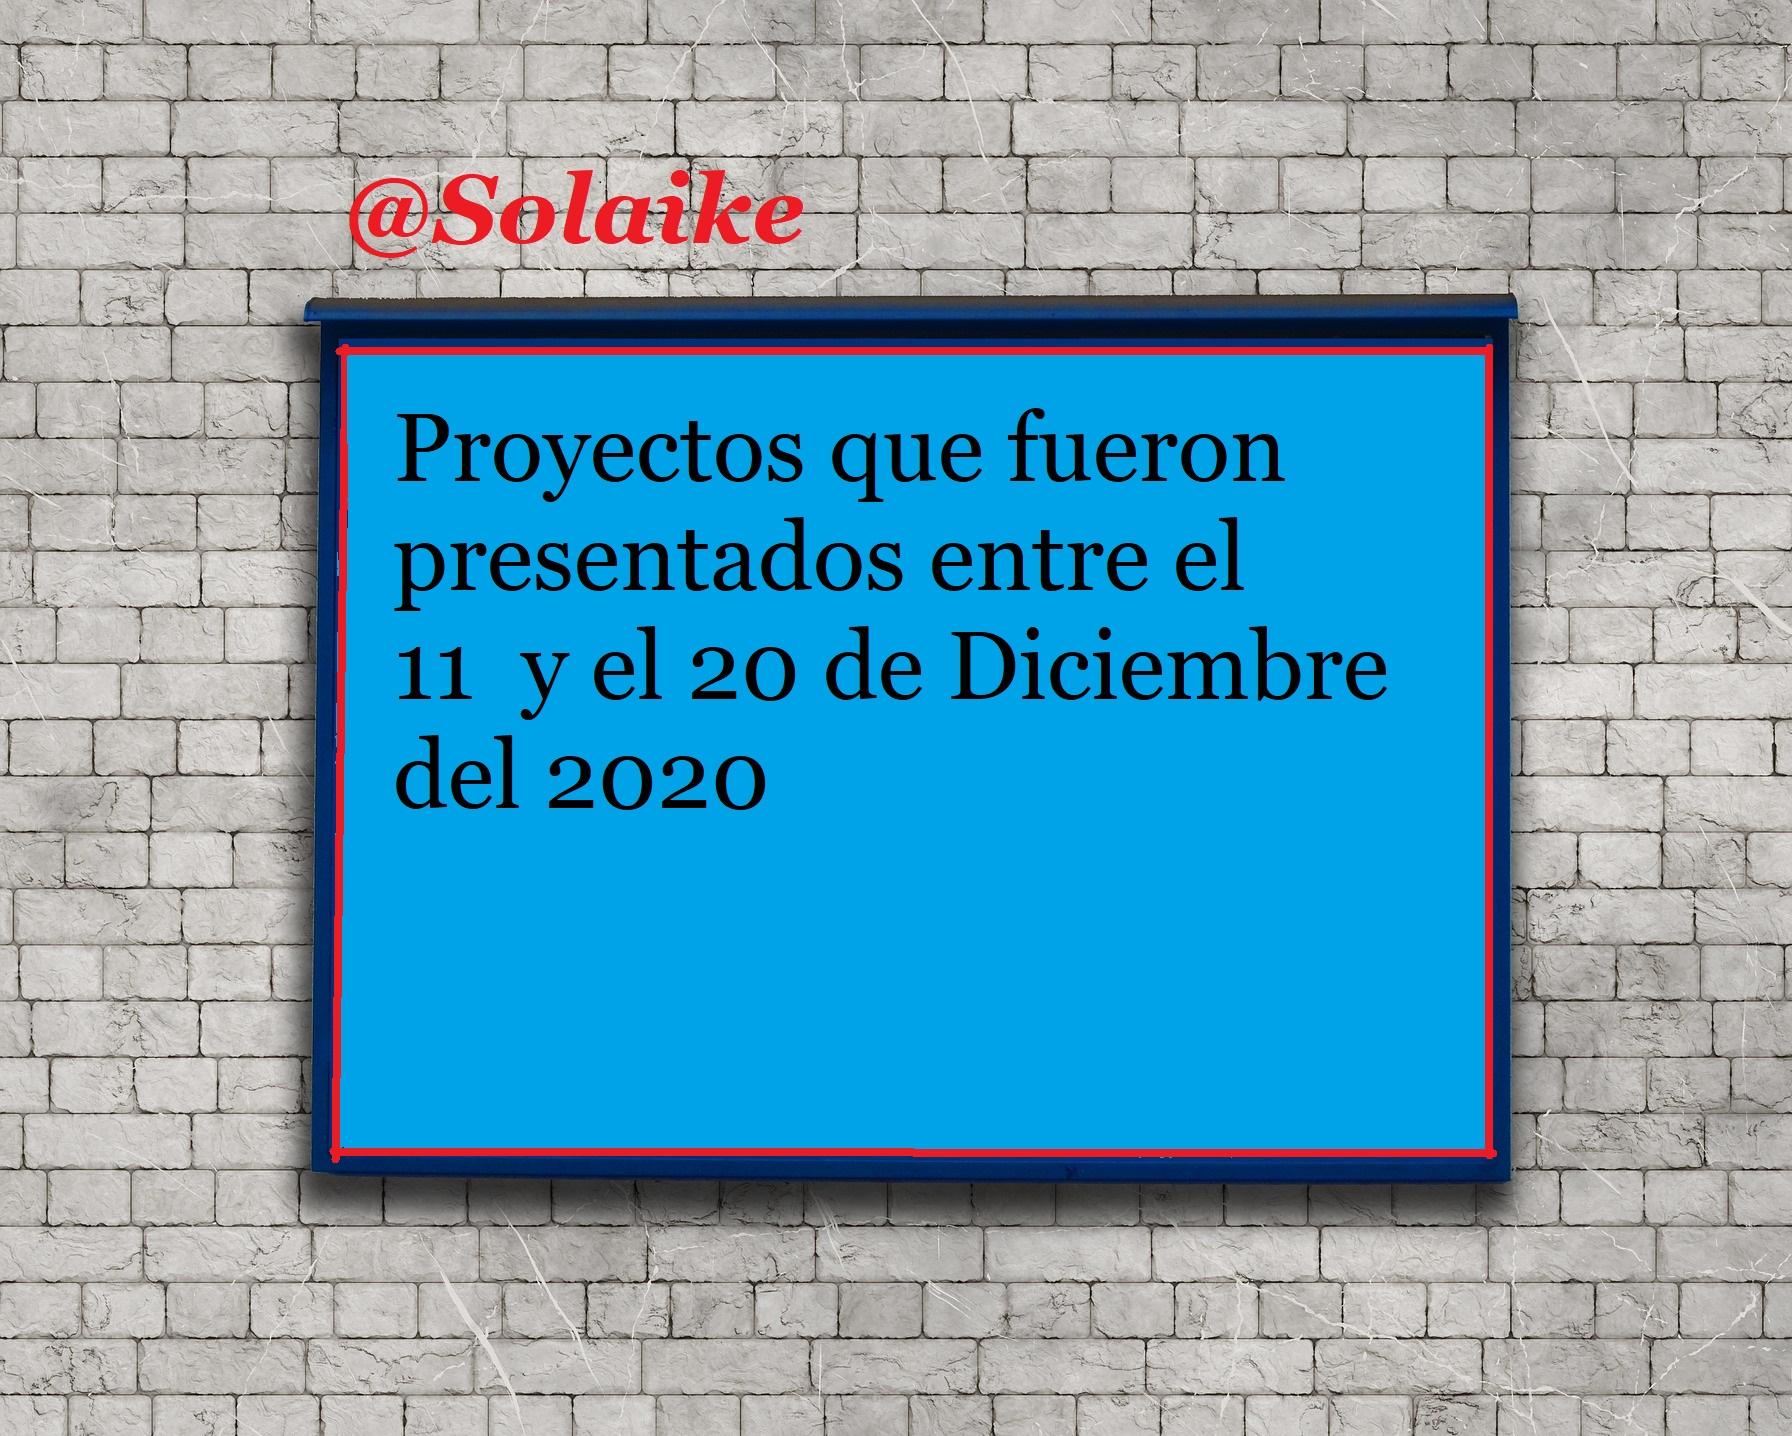 Ingreso de Proyectos entre el 11 y el 20 de Diciembre del 2020